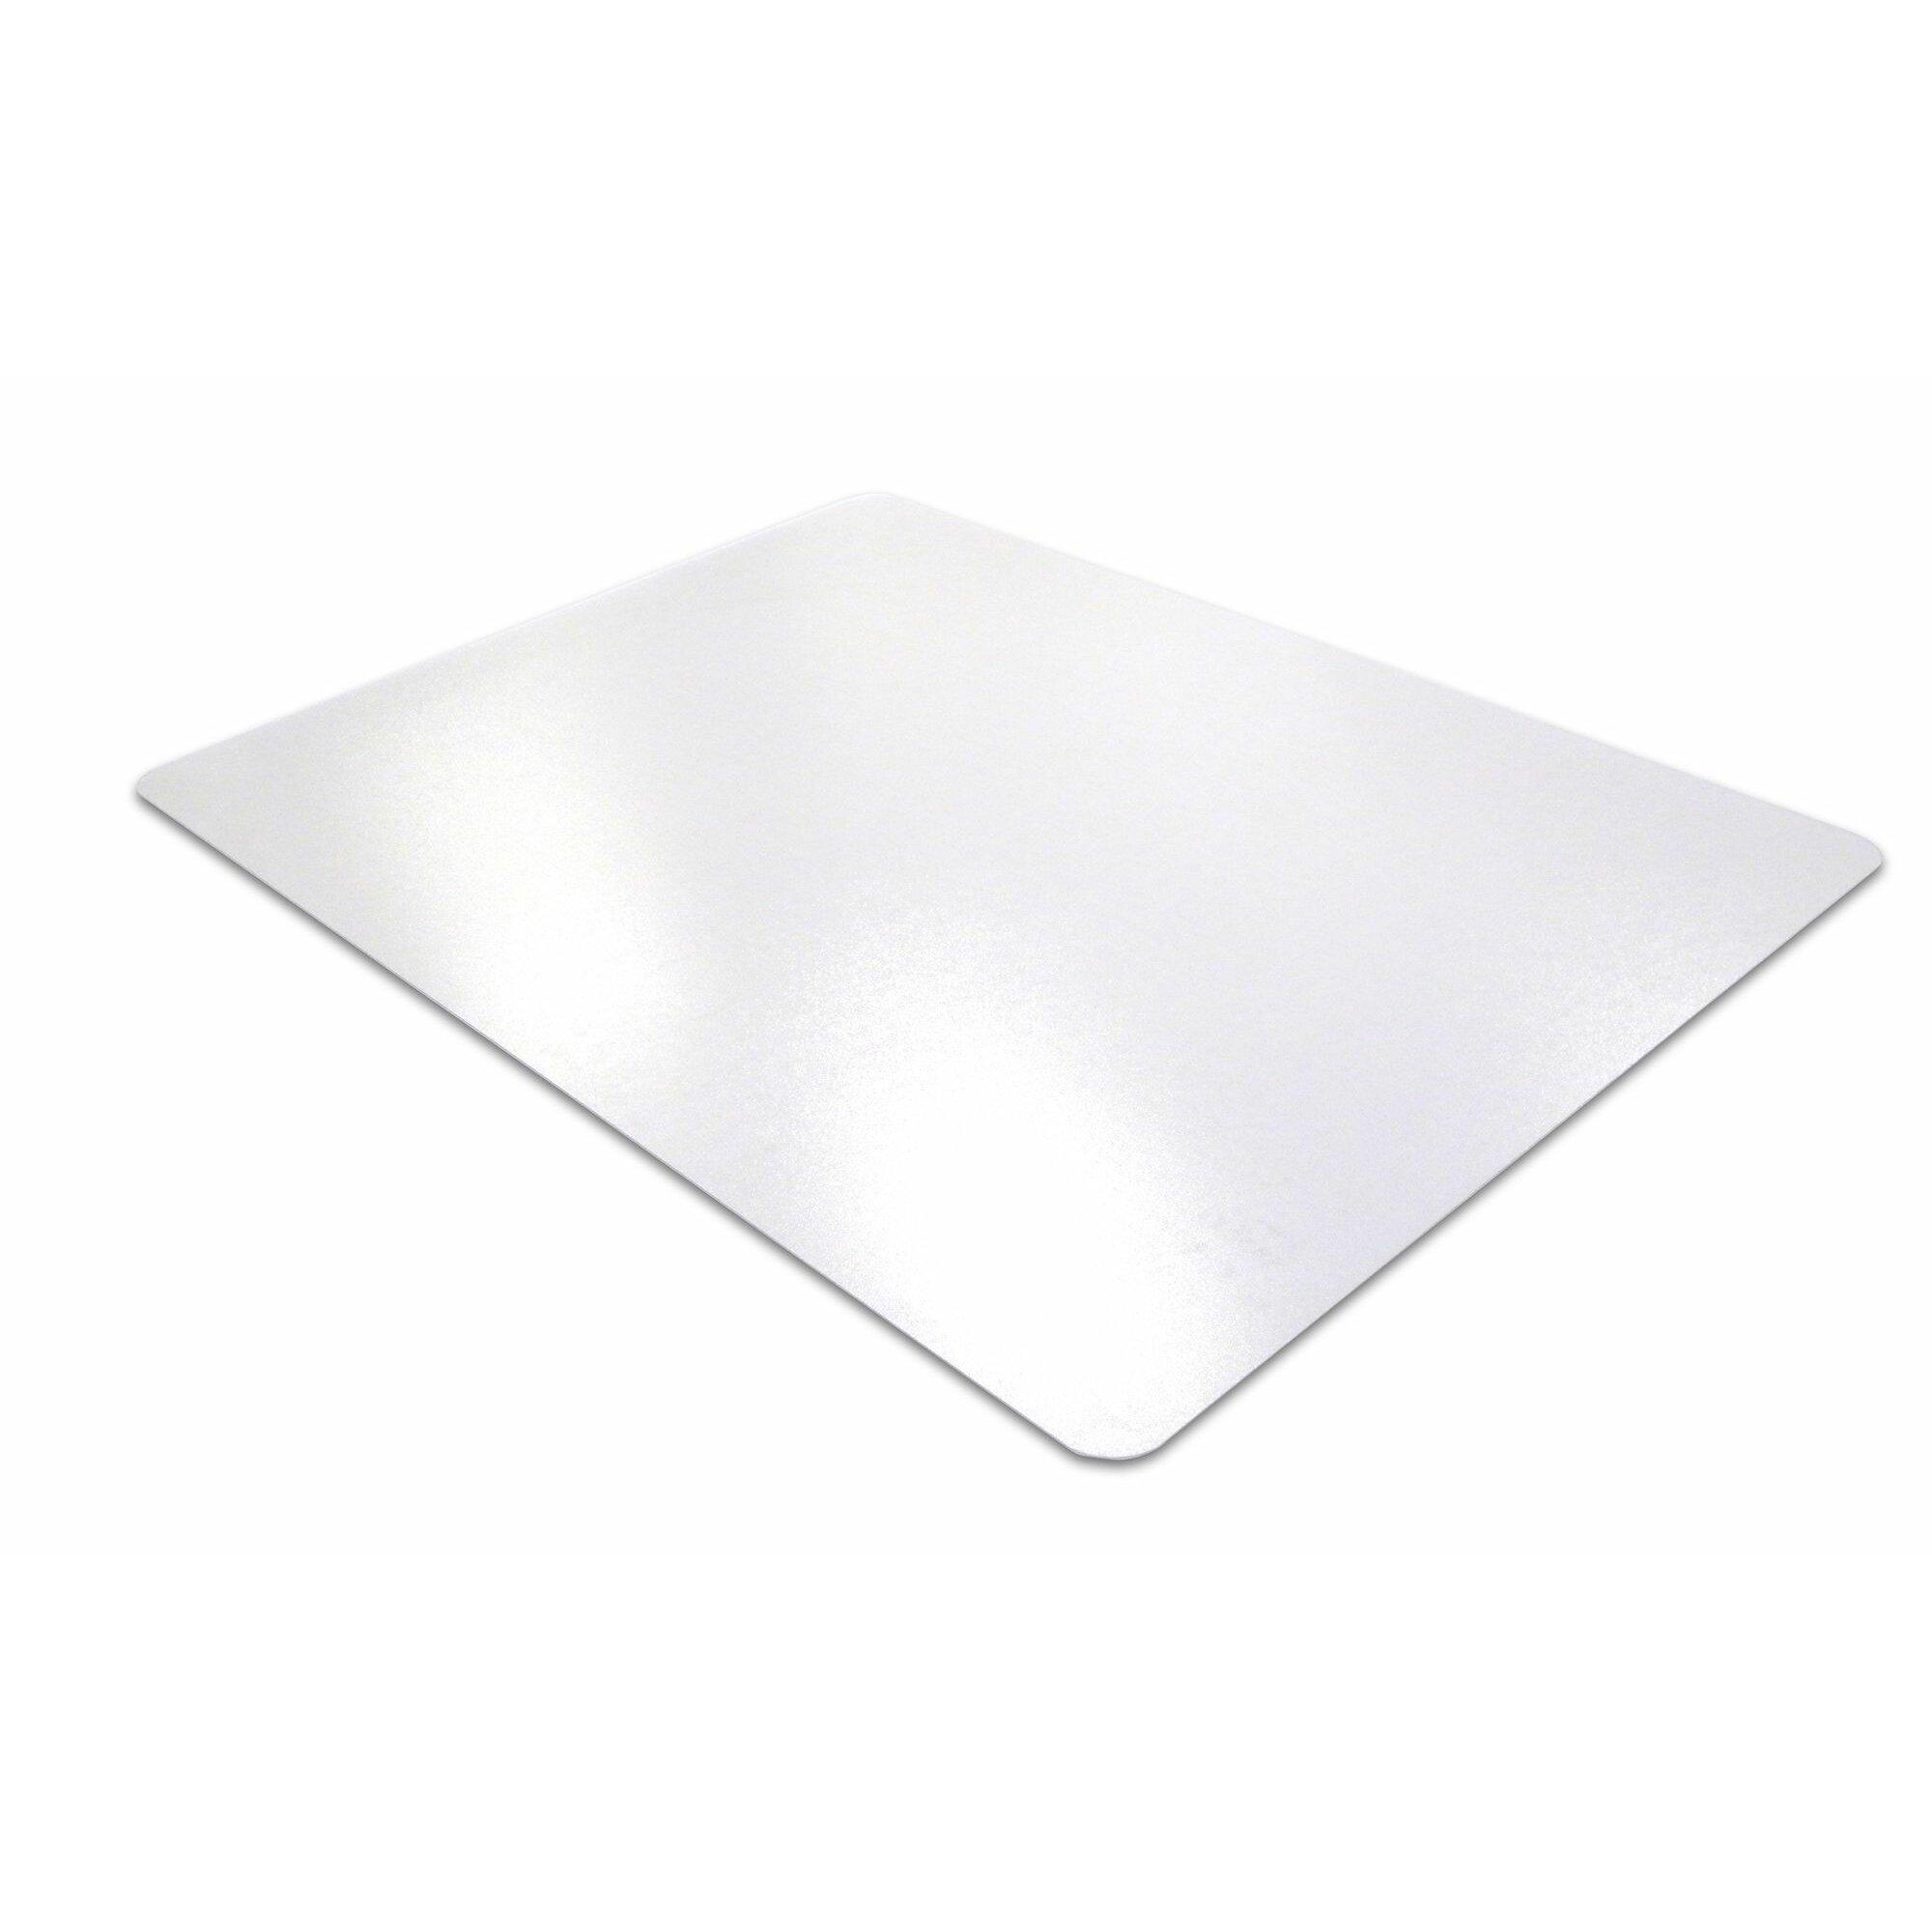 Floortex Cleartex Anti Slip Unomat Low Pile Carpet